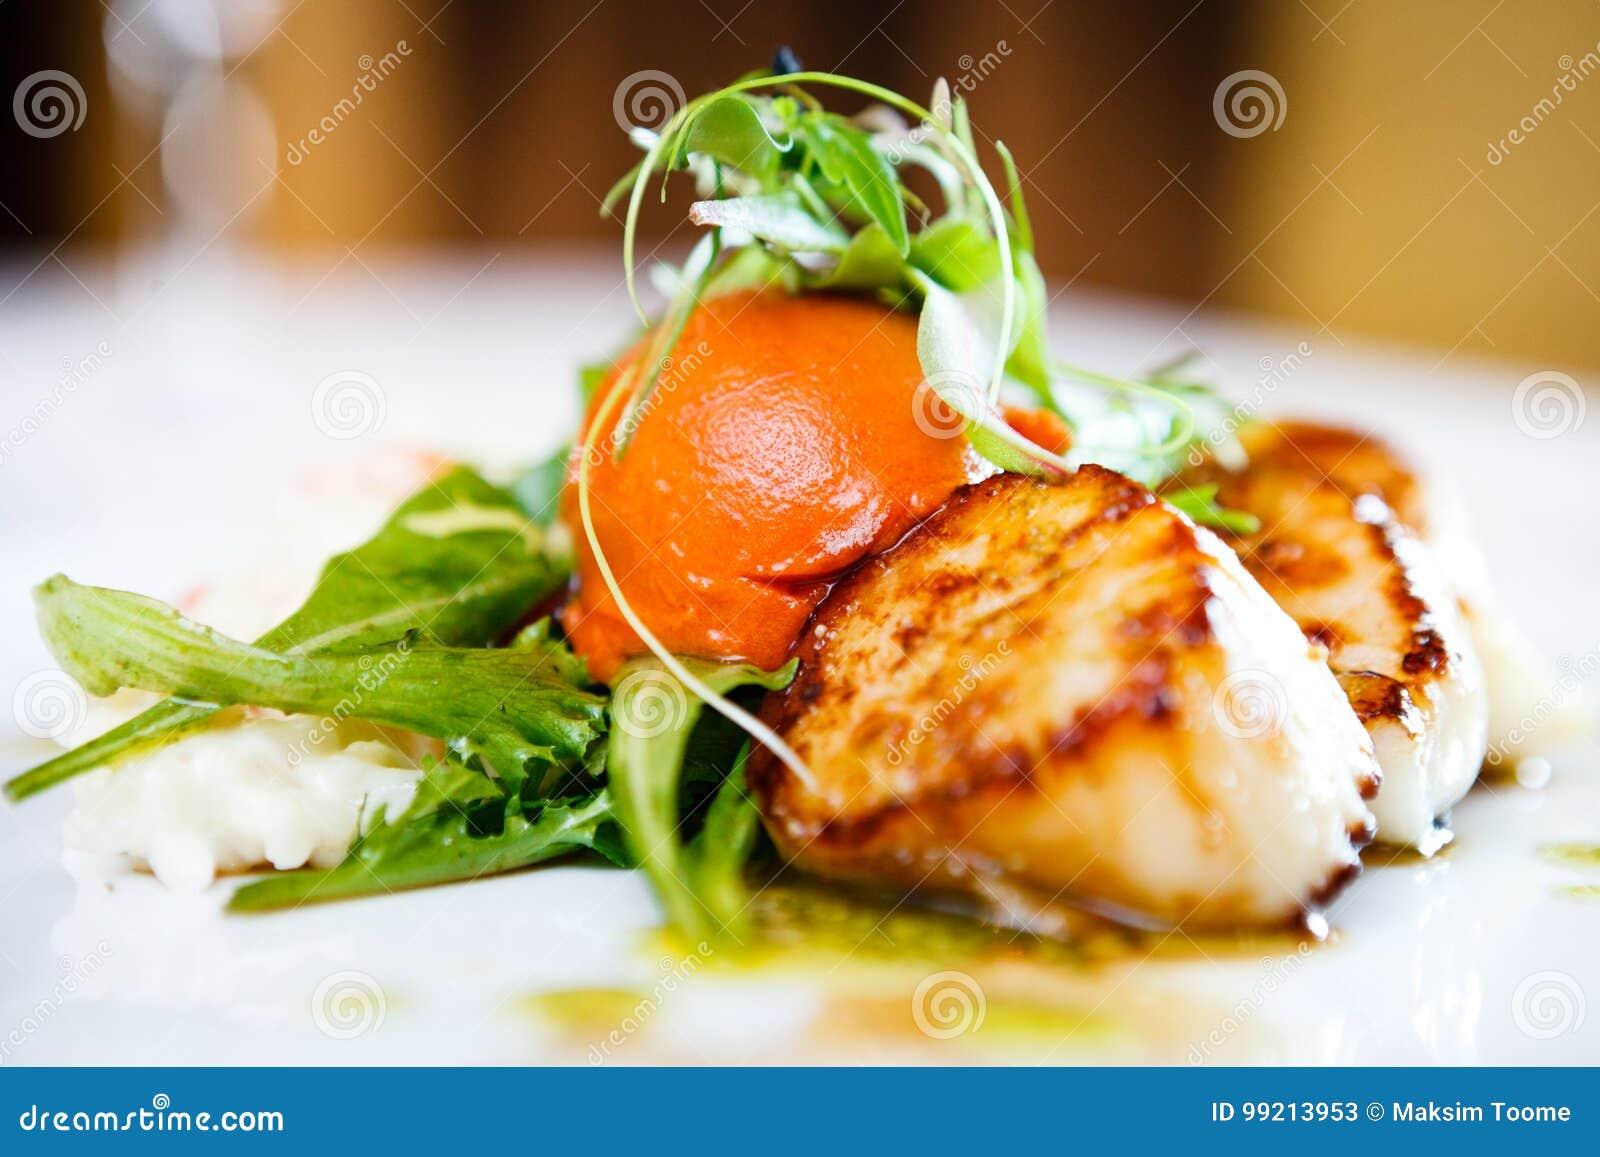 Gourmet food scallops